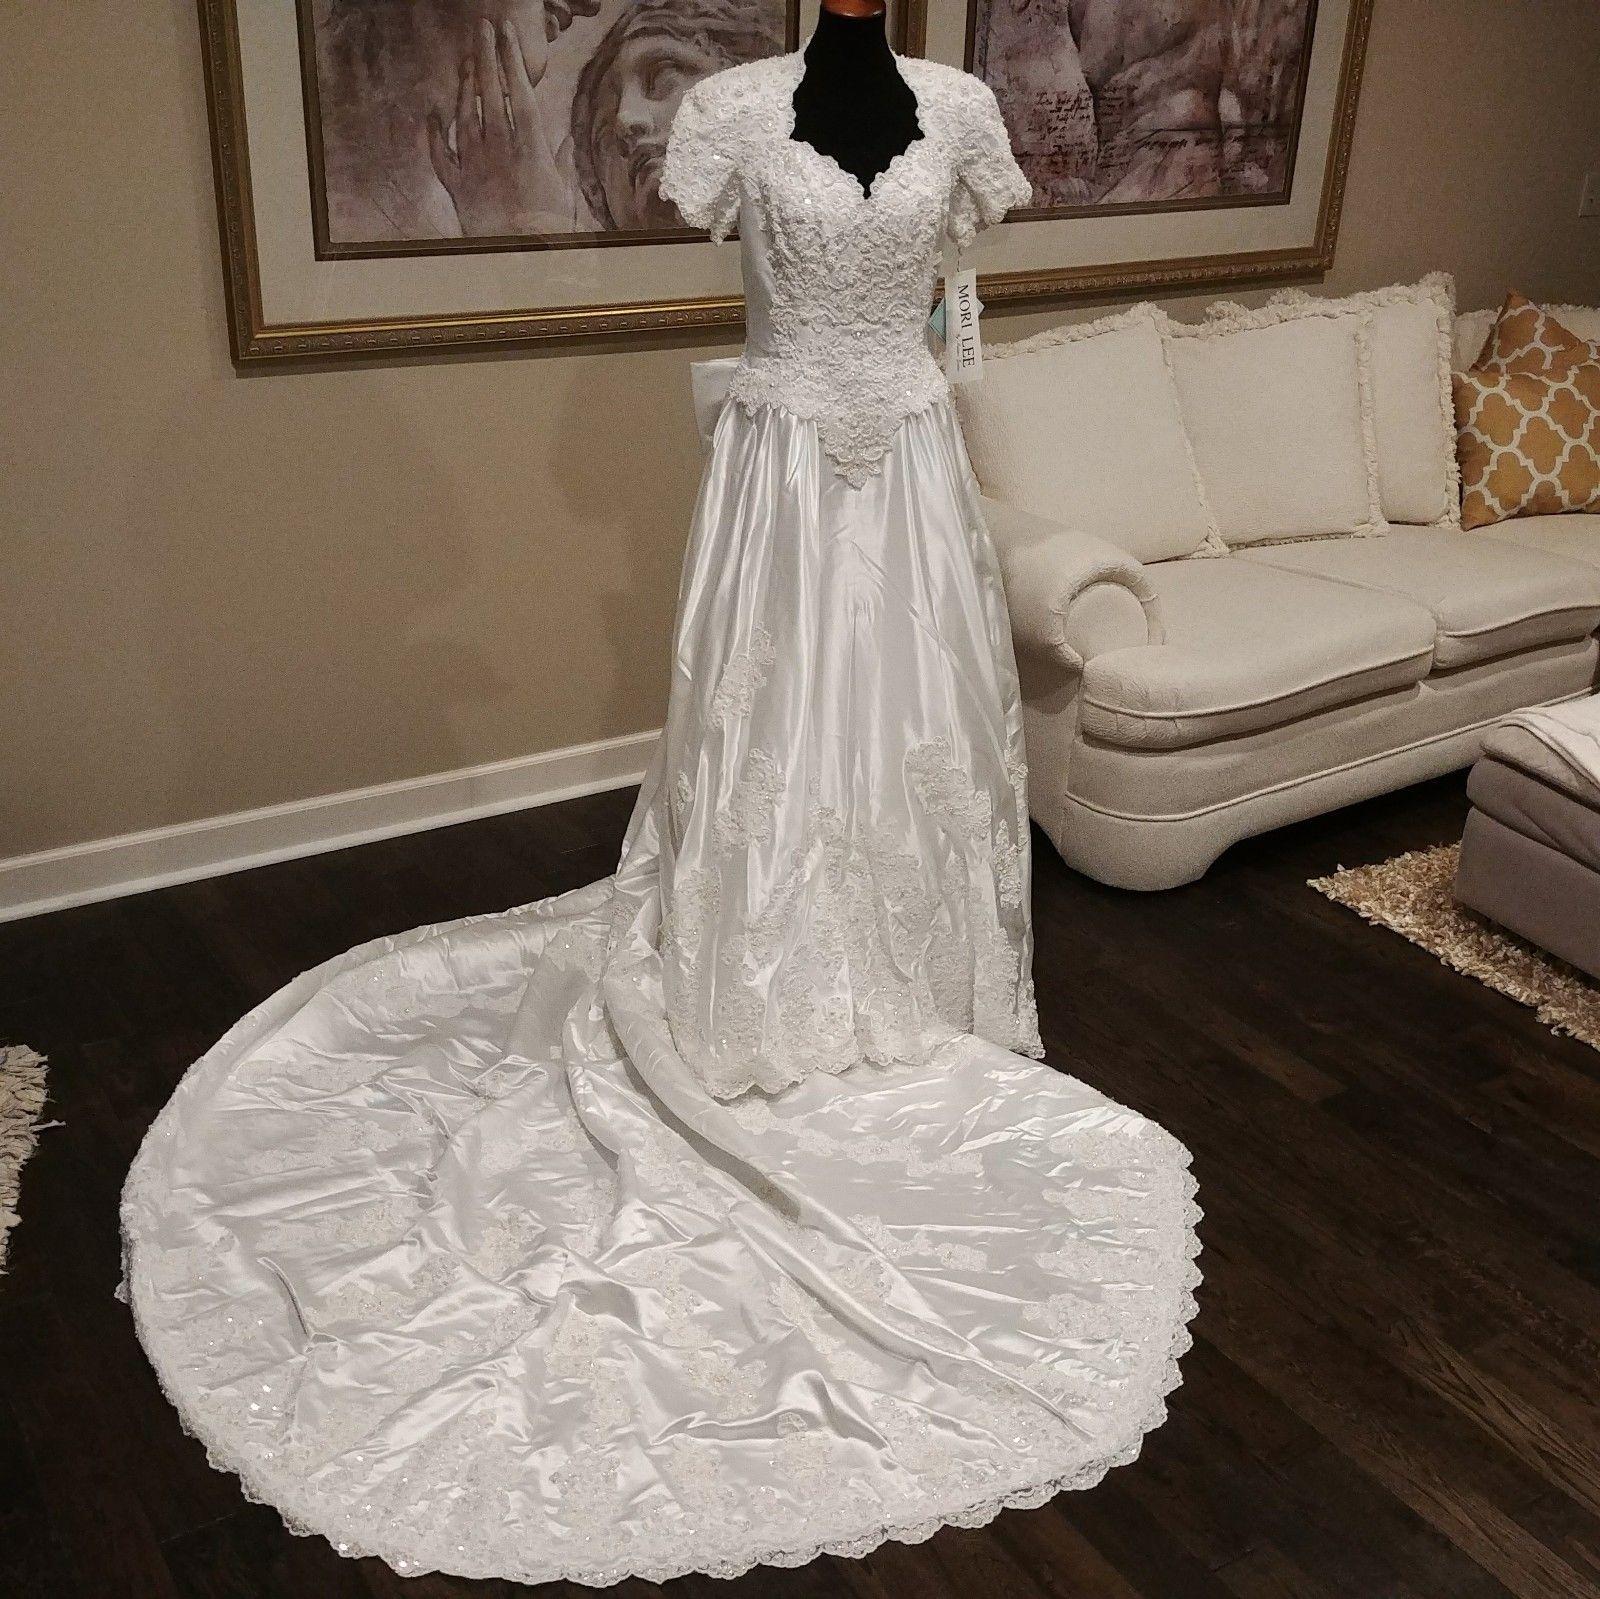 Vintage Wedding Gown In Kenya By Mori Lee